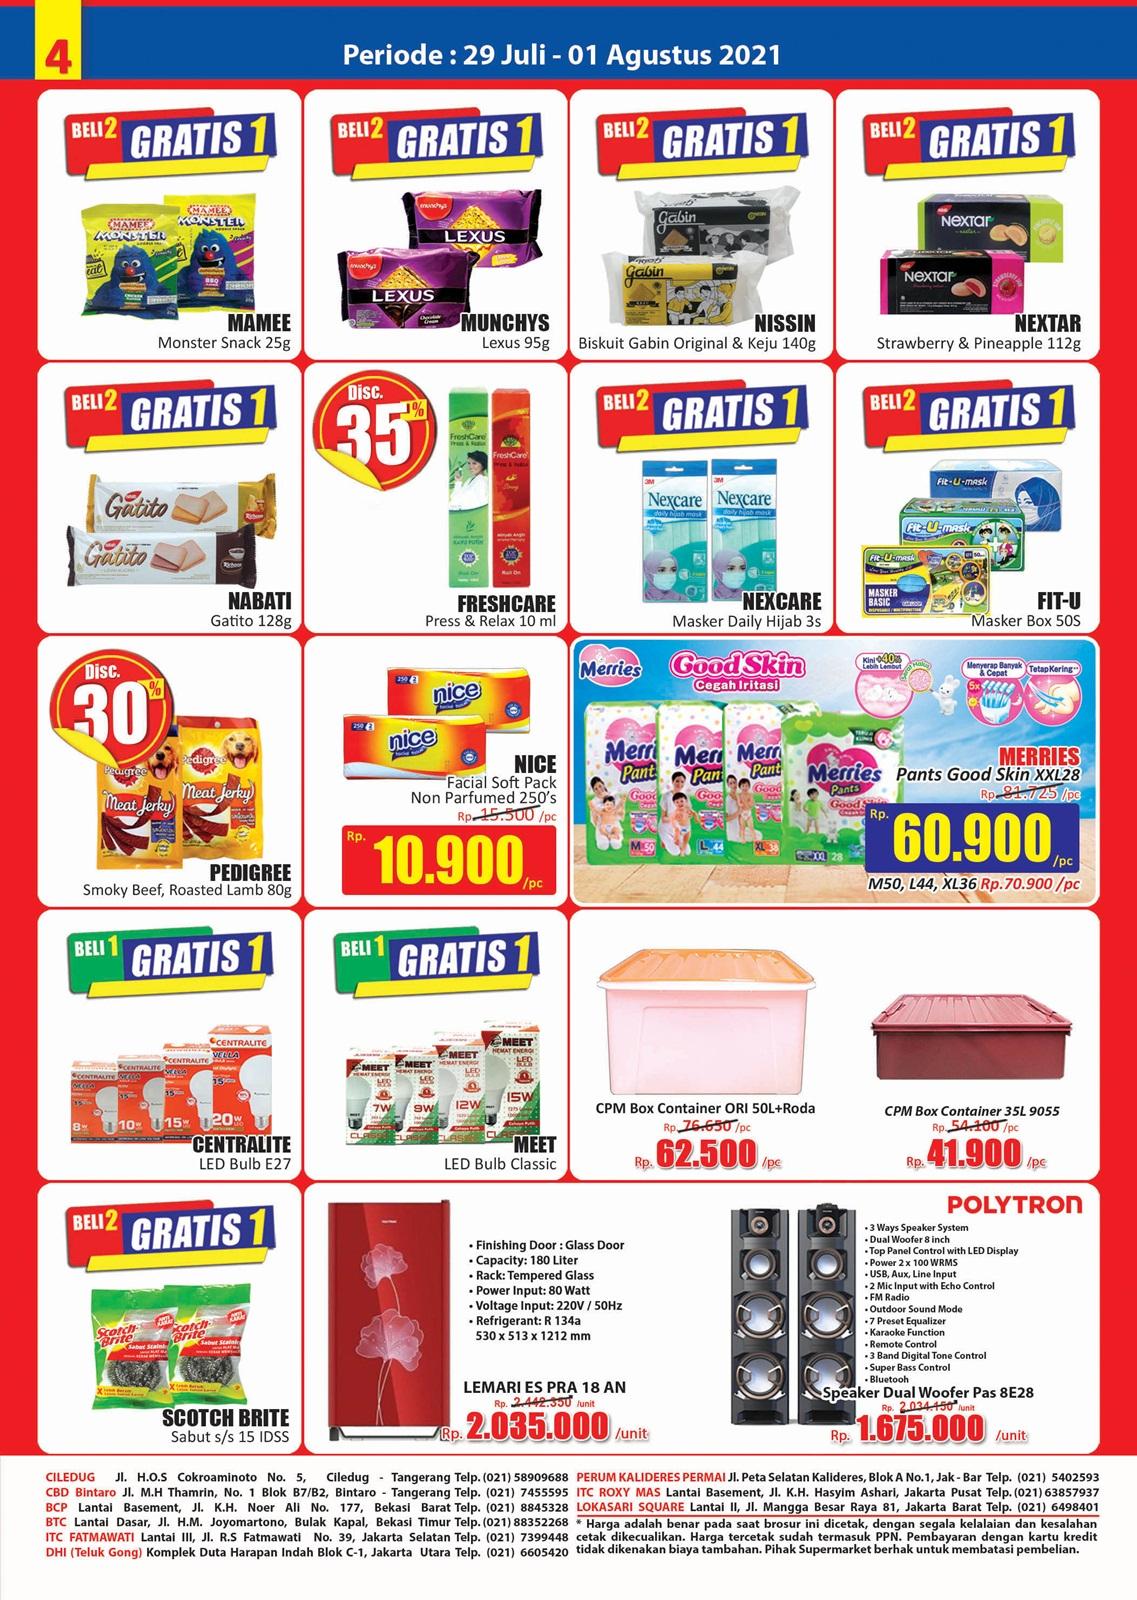 Promo Hari Hari Pasar Swalayan Weekend JSM Periode 29 Juli - 01 Agustus 2021